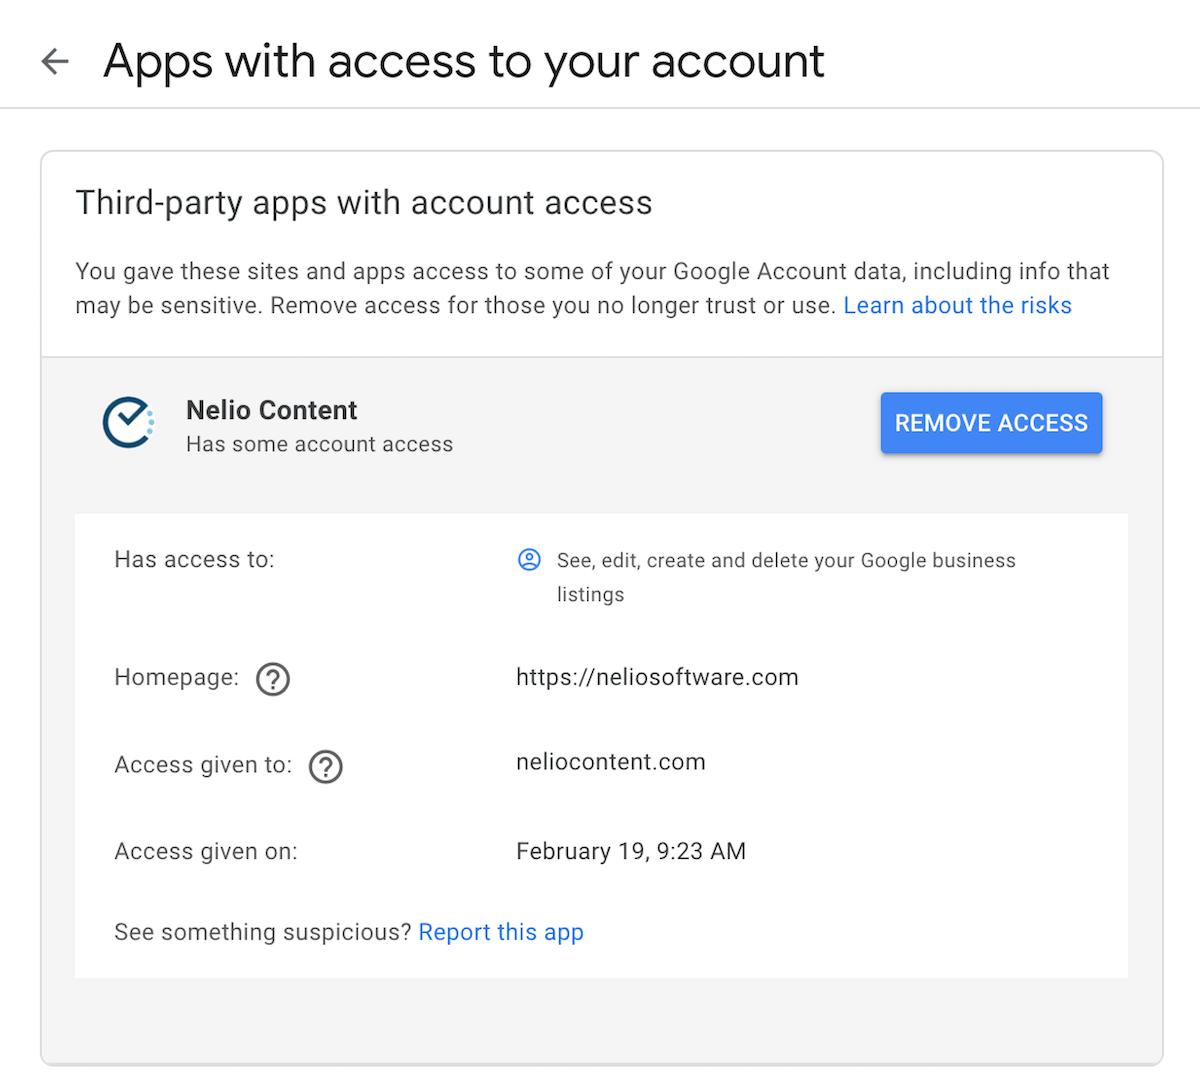 Remove Nelio Content access to Google Account.